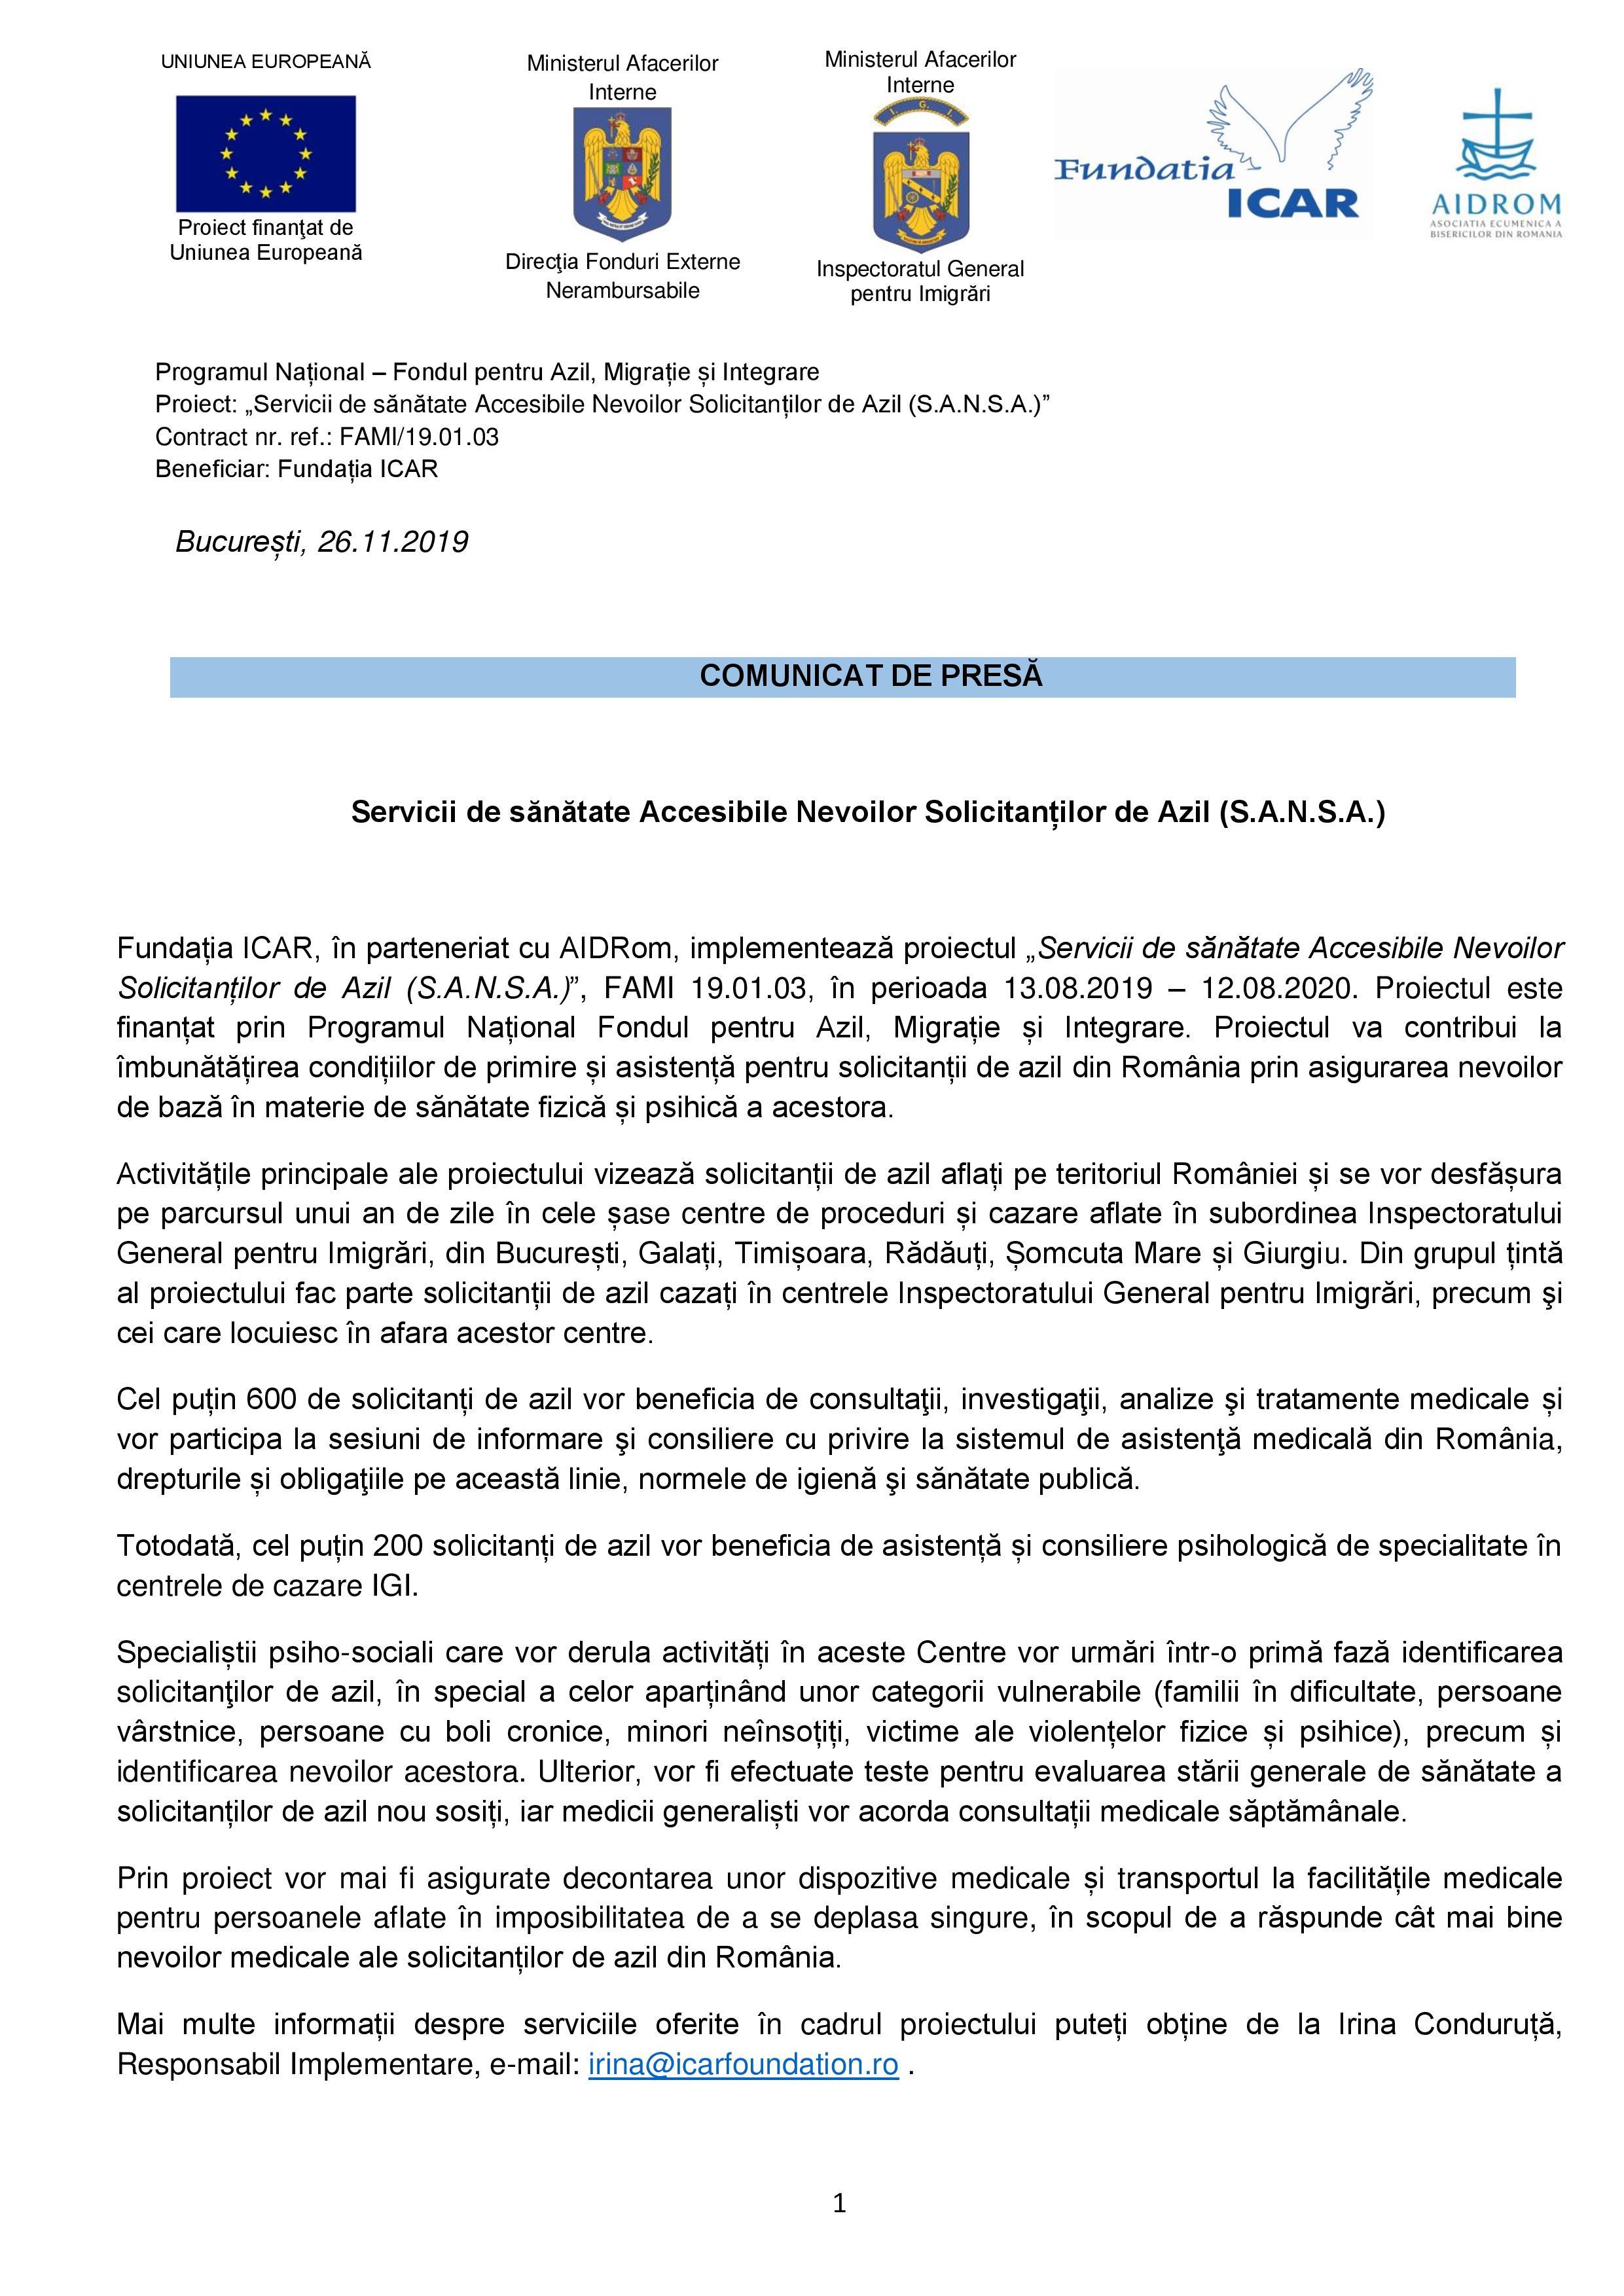 Comunicat_FAMI 19.01.03_avizat-page-001